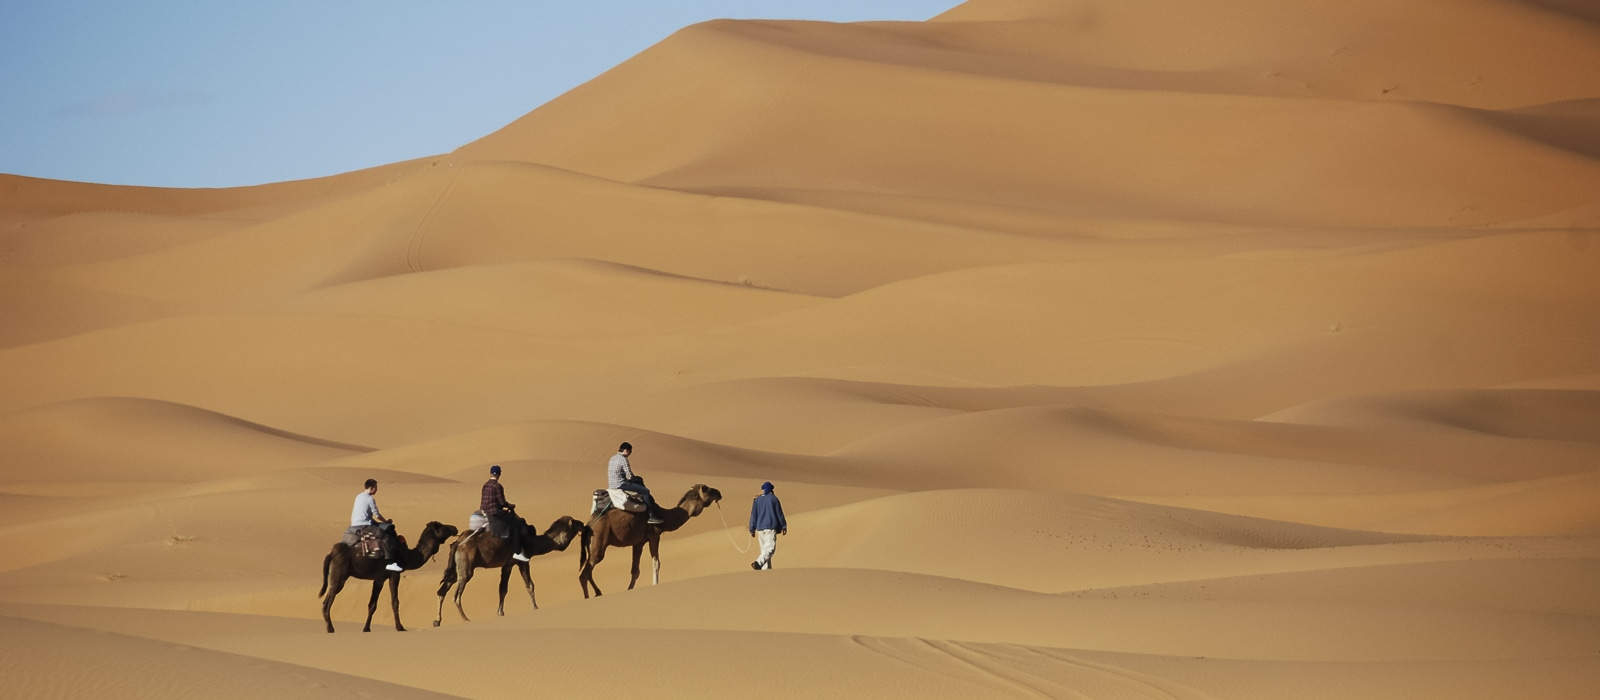 Voyage organisé en petit groupe - Merzouga - Maroc - Agence de voyage Les Routes du Monde